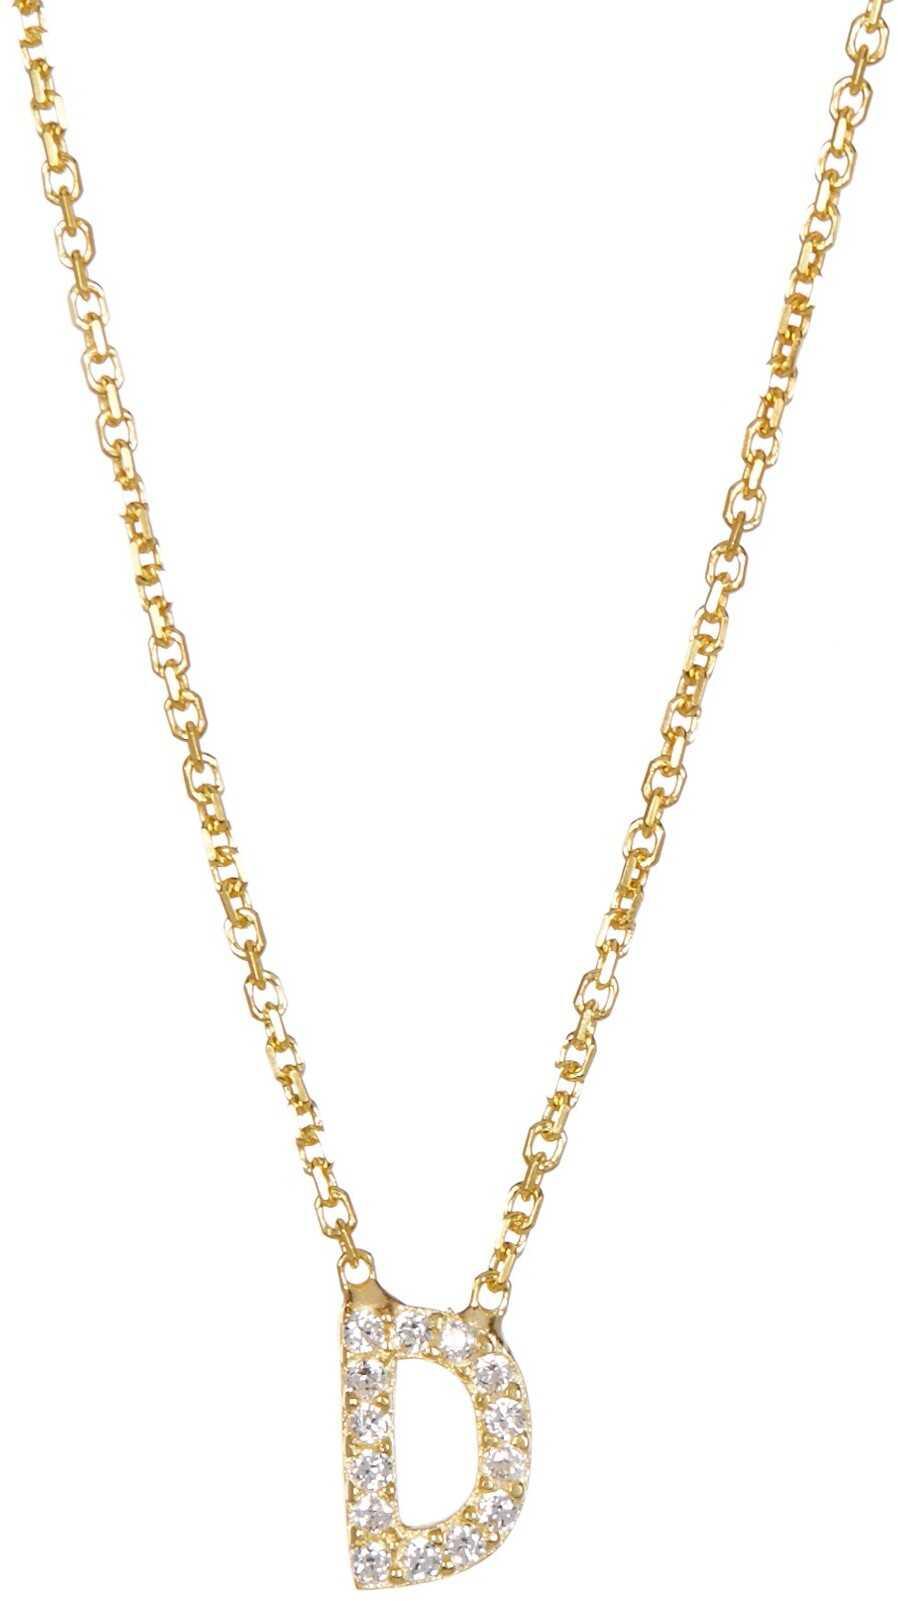 Gab+Cos Designs Gold Vermeil Block D Charm Necklace GOLD